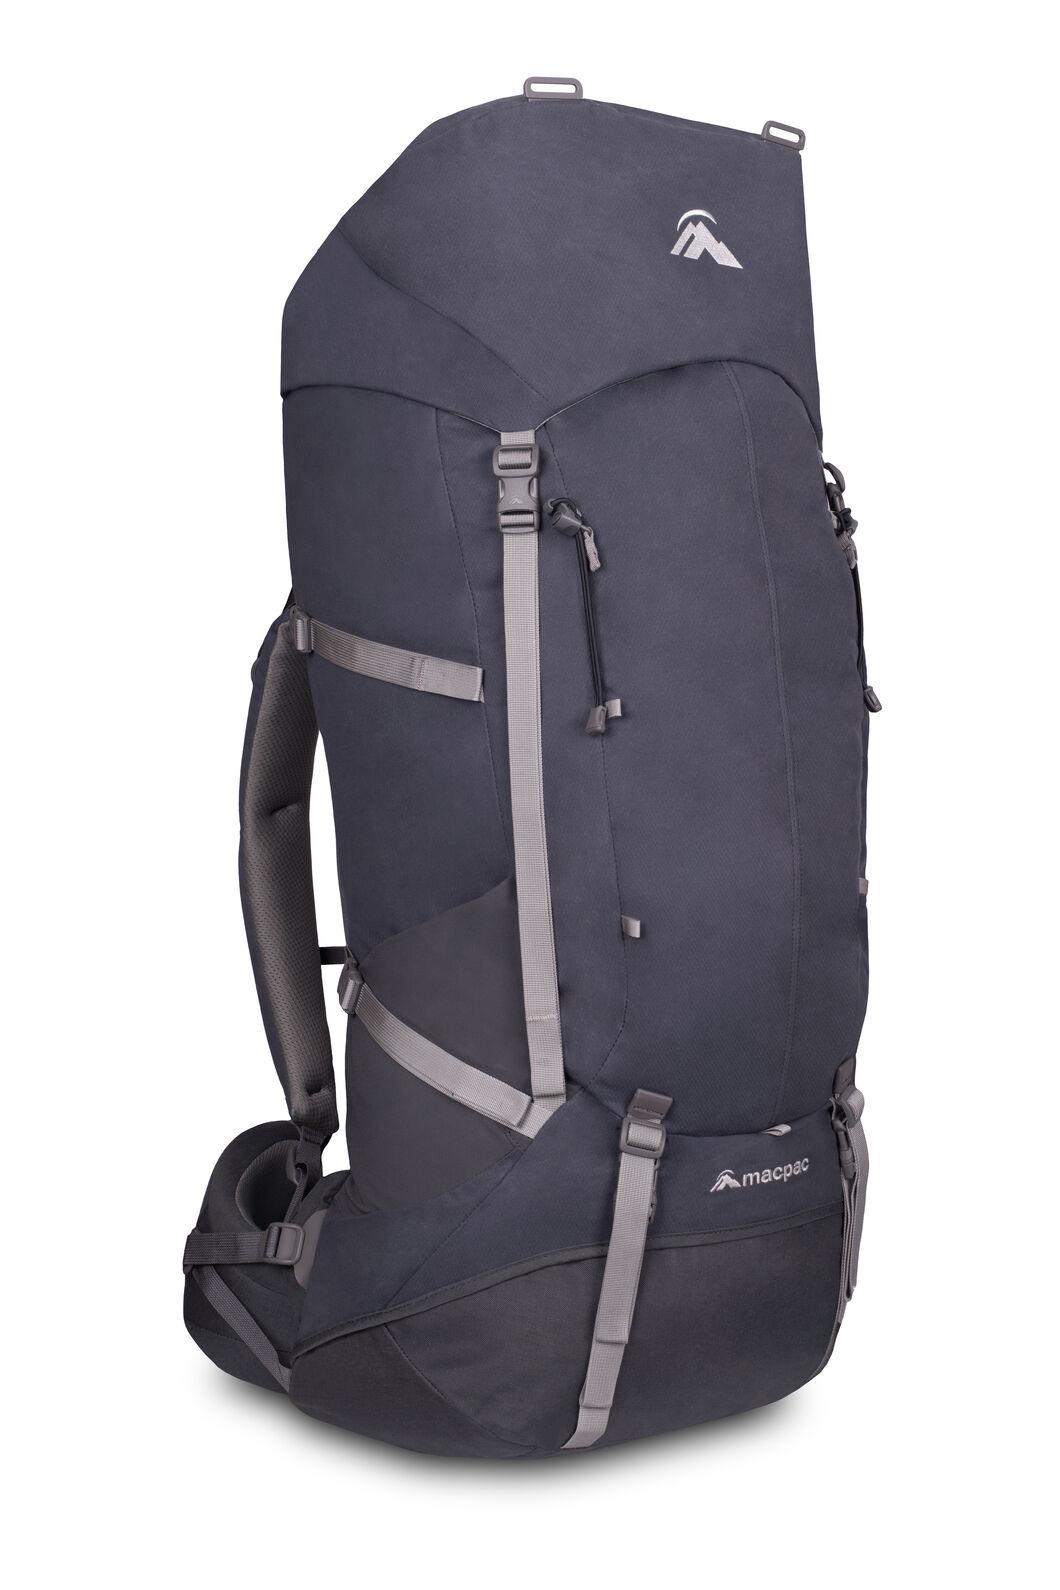 Macpac Cascade AzTec® 65L Hiking Backpack, Slate, hi-res